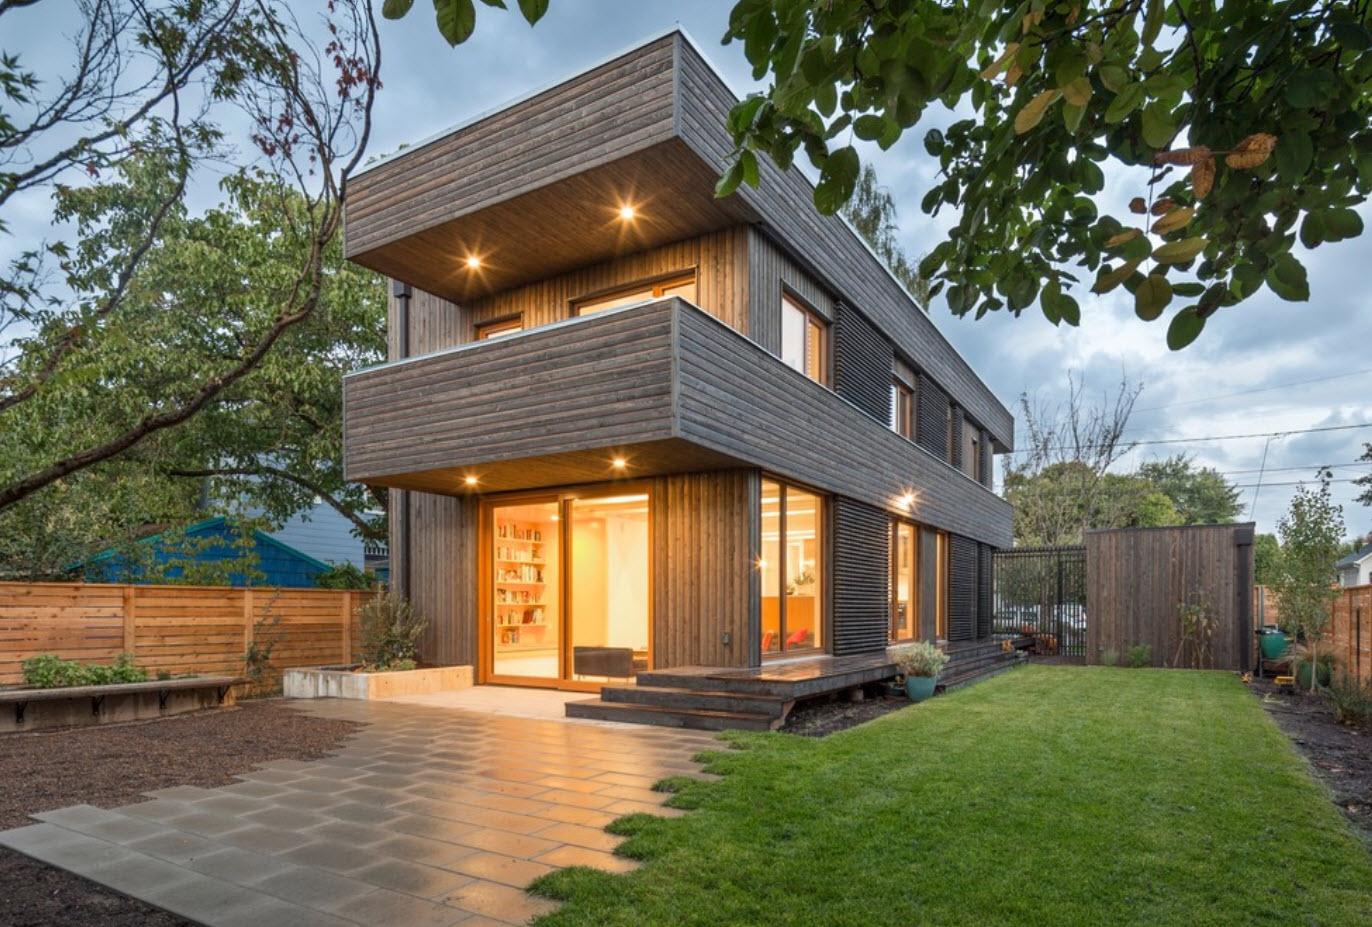 сожалению изготовить деревянные дома с плоской крышей фото месте имеет достаточно